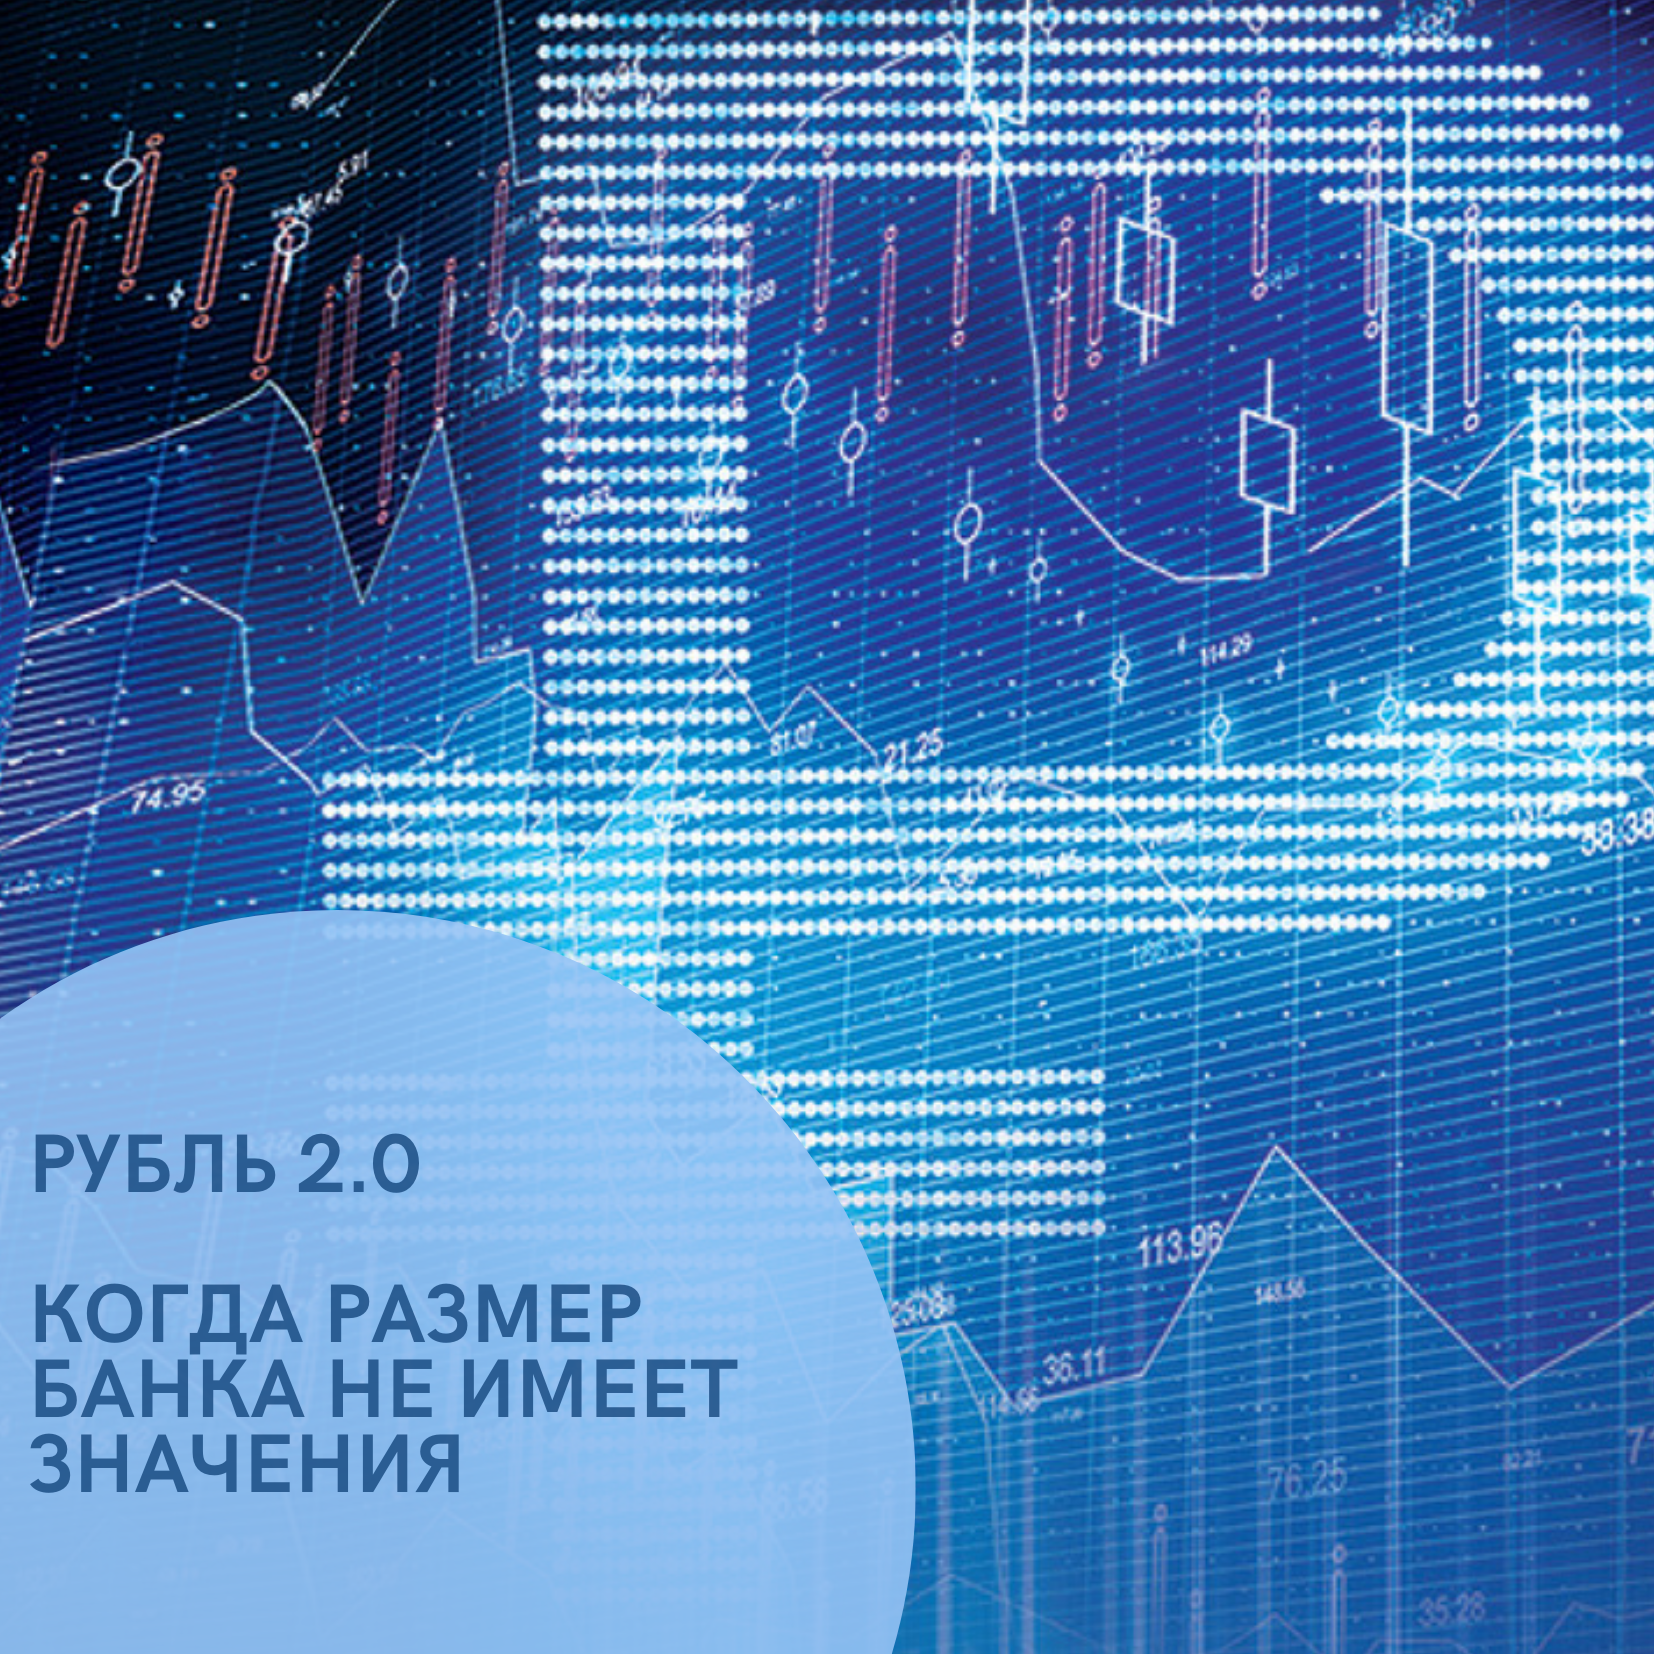 Рубль 2.0 Когда размер банка не имеет значения